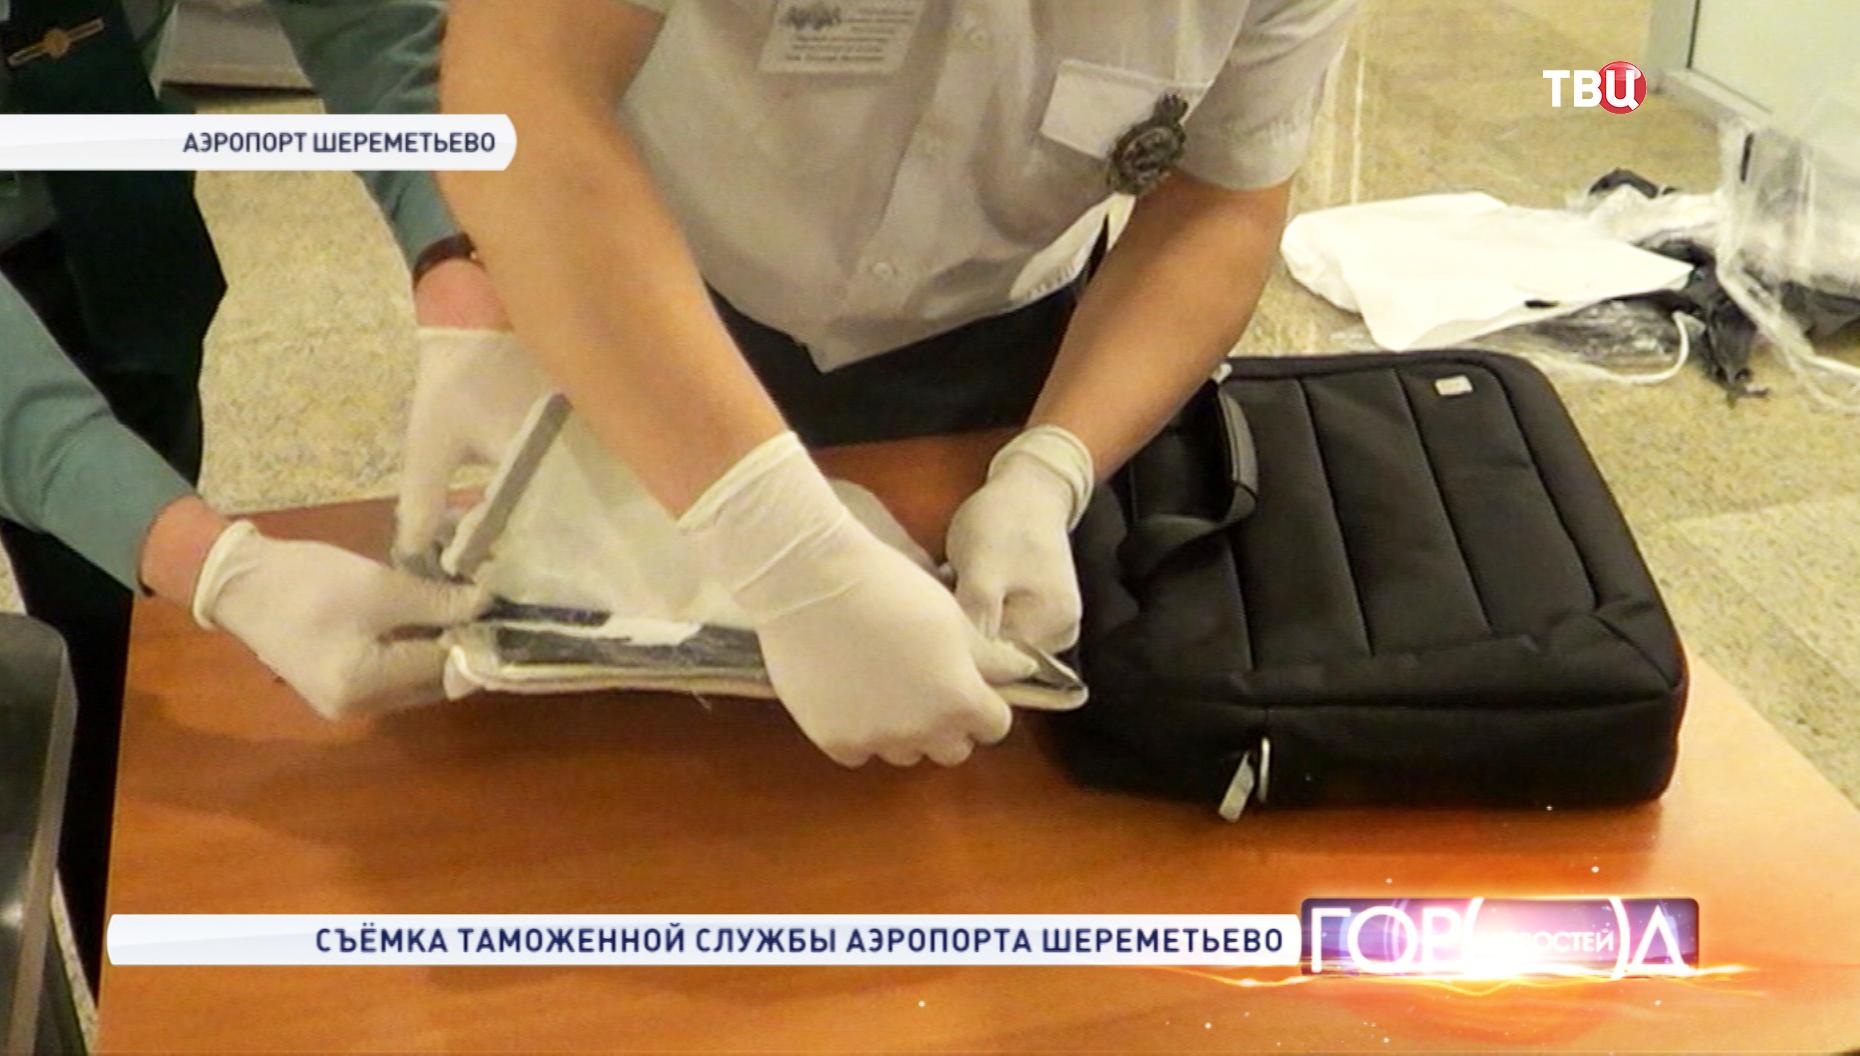 """Извлечение наркотического вещества таможенной службой аэропорта """"Шереметьево"""""""